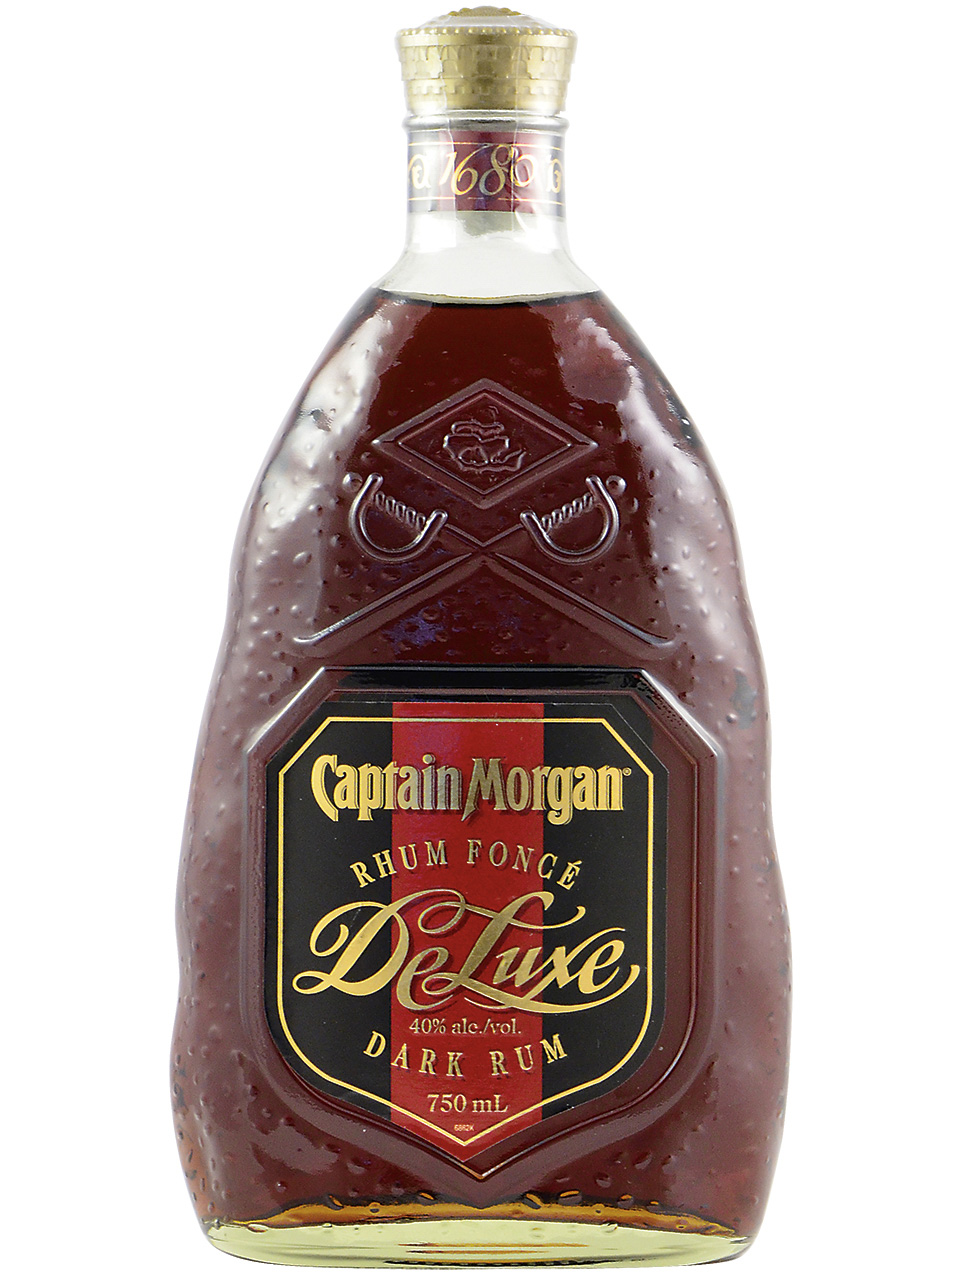 Captain Morgan Deluxe Dark Rum